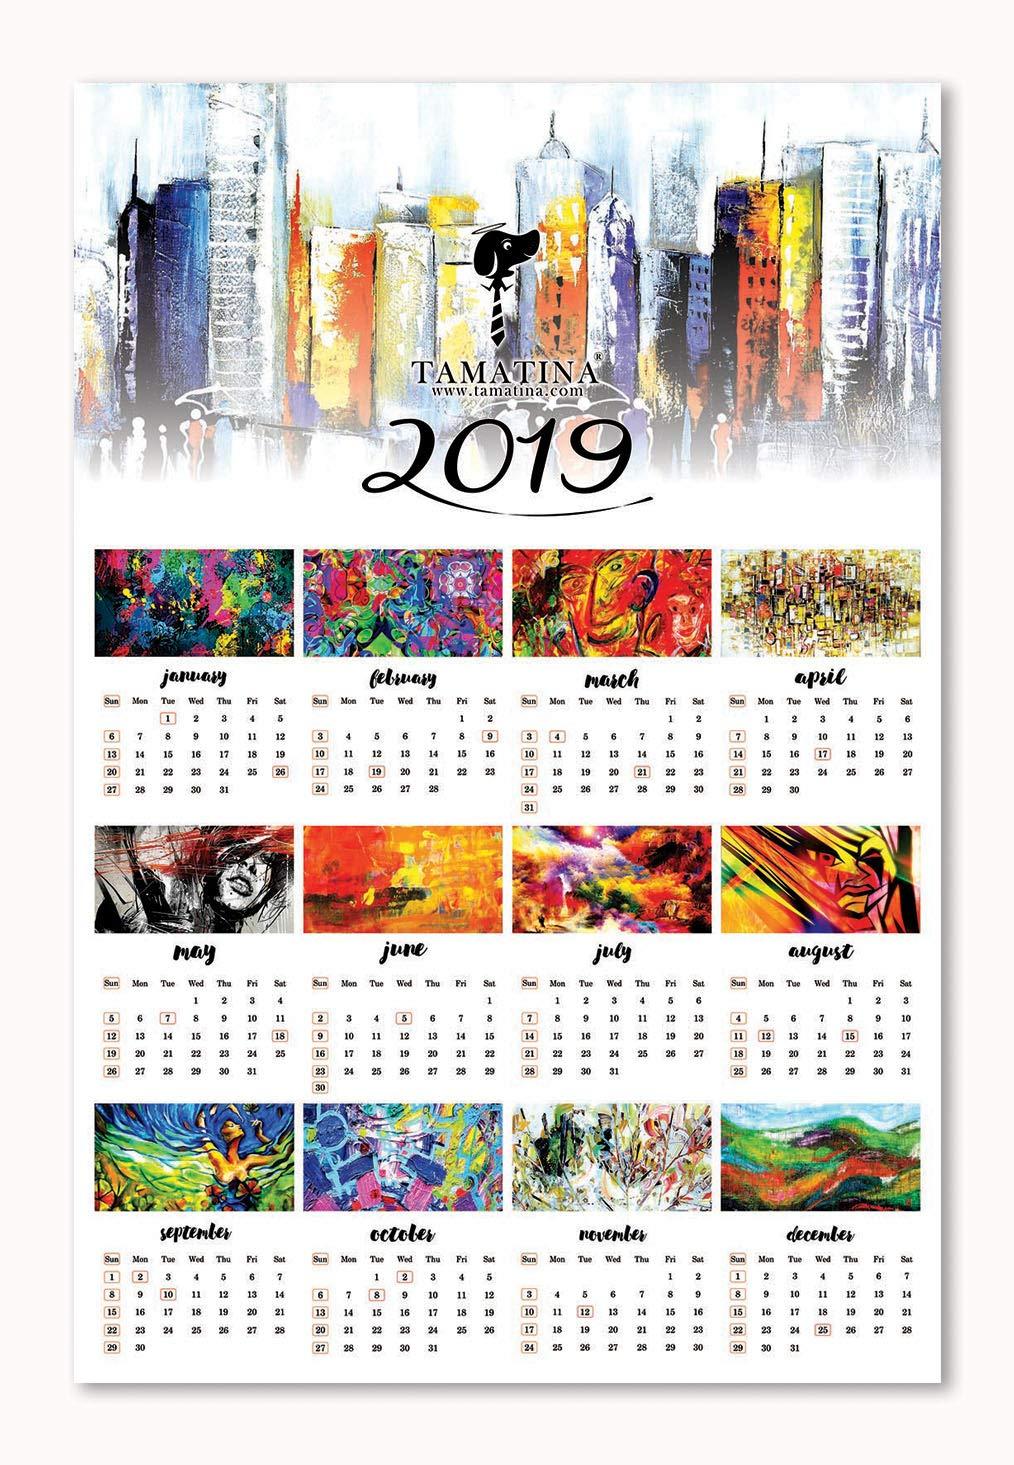 Tamatina 2019 calendar - Modern Art Painting Calendars - Wall Calendars  2019 - 2019 Calendars for Home - Trippy Calendars - 2019 Calendars for  Office - HD ...